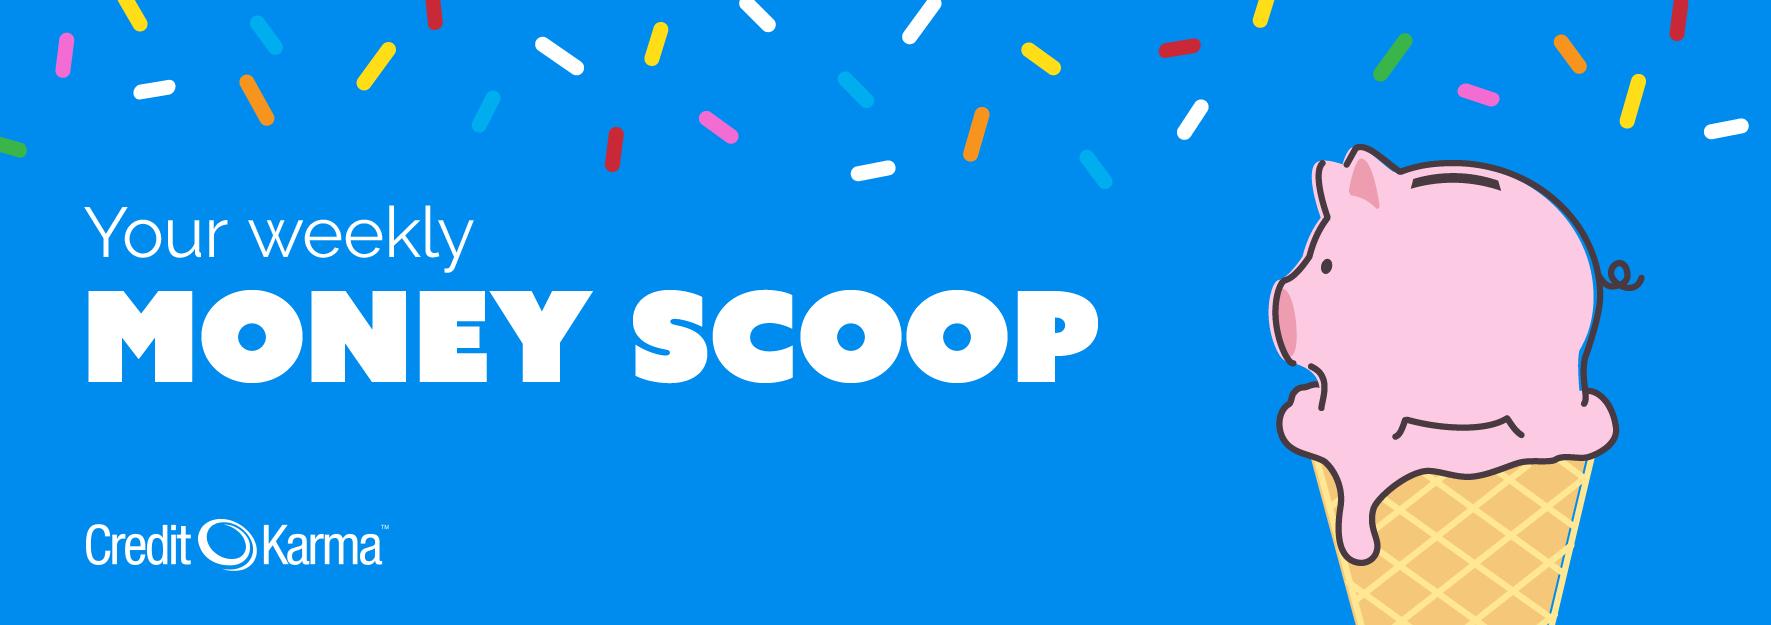 Your weekly money scoop: August 19, 2016